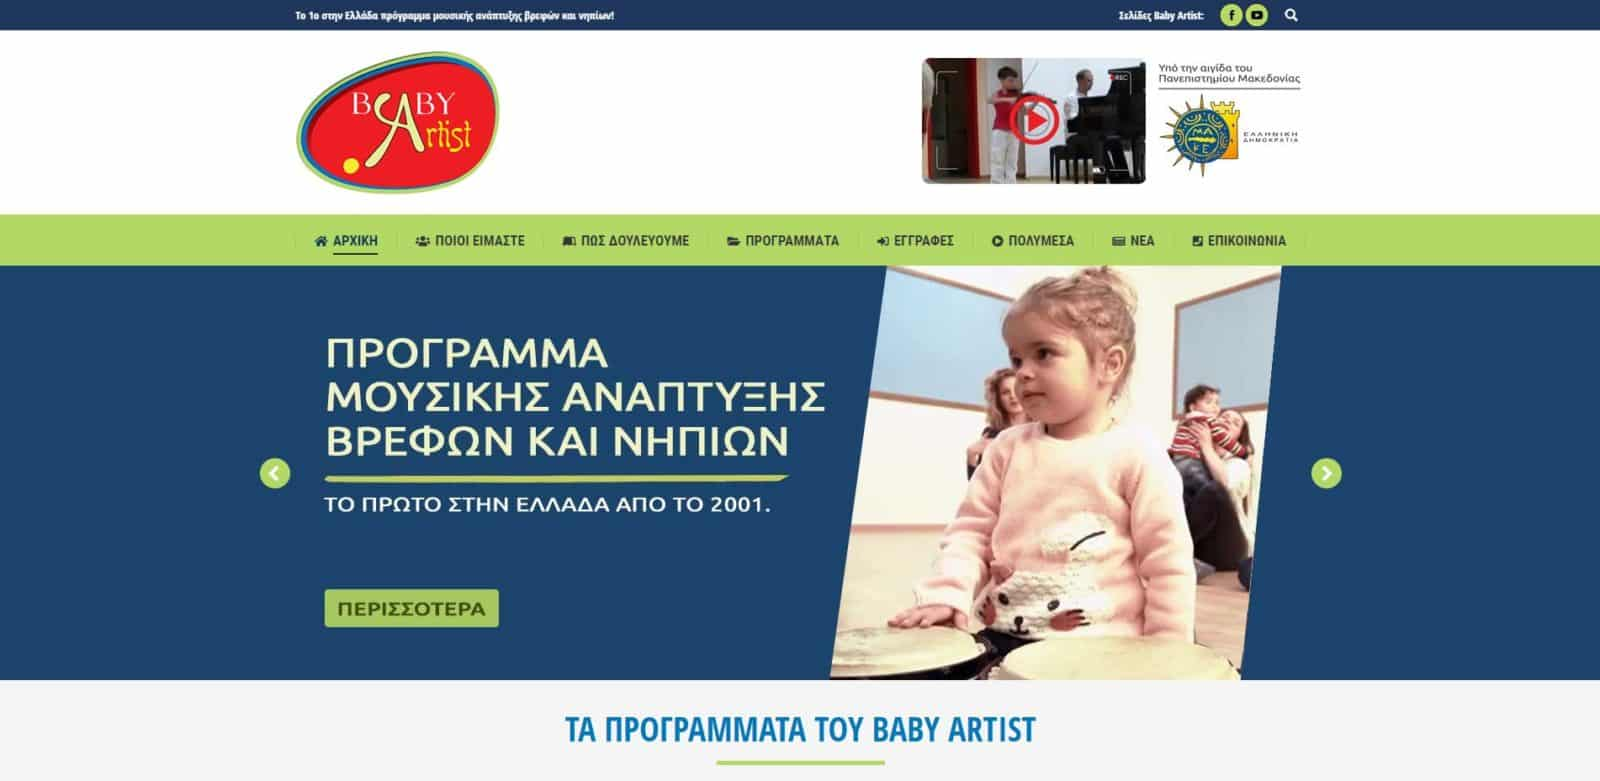 Κατασκευή Ιστοσελίδας Θεσσαλονίκη - Μουσικοκινητική Αγωγή Baby Artist